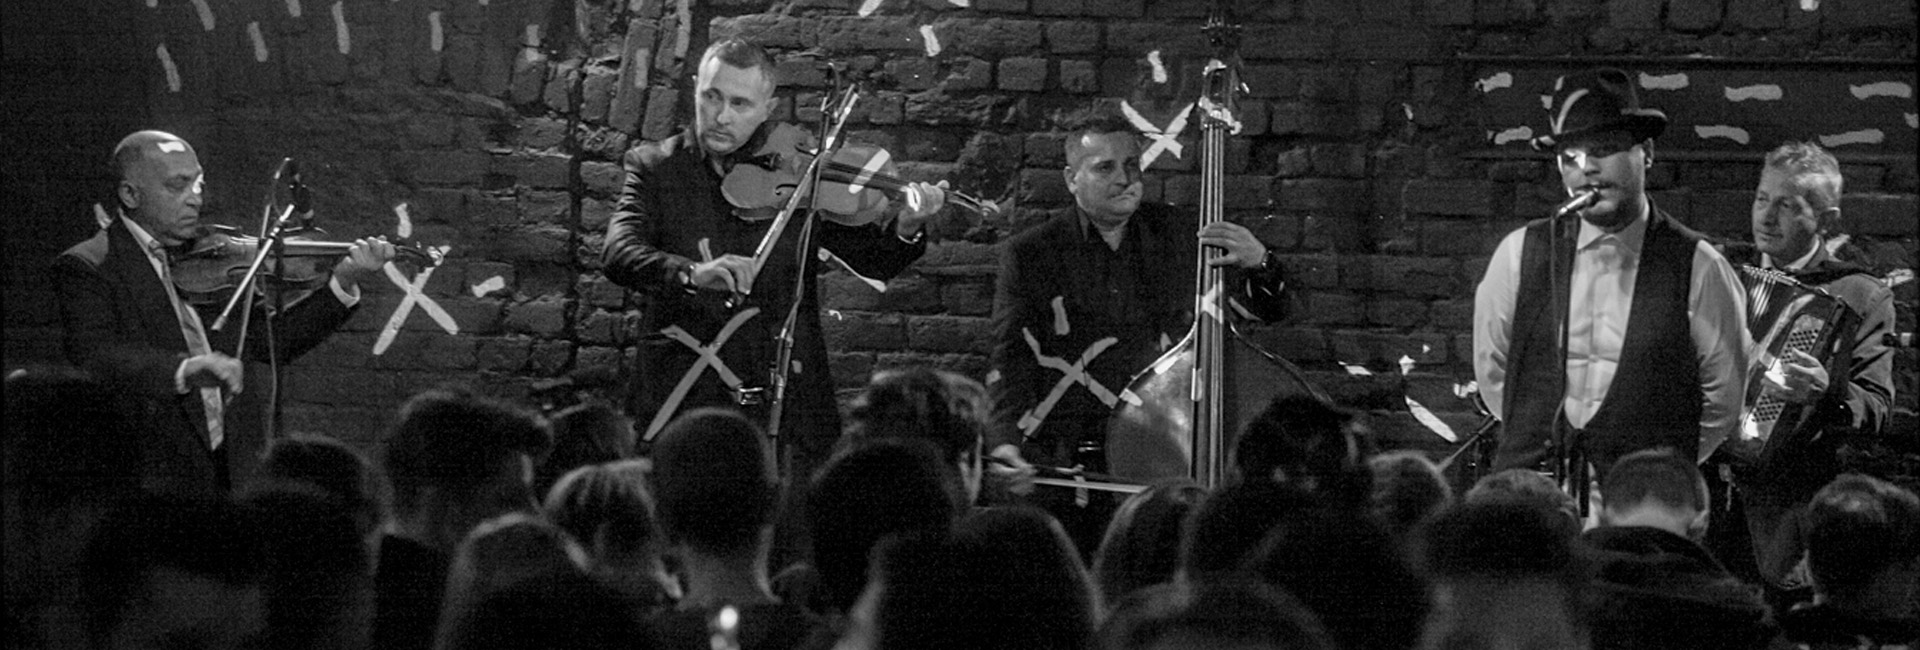 muzică românească trioul ţărănesc din Câmpia Transilvaniei Transilvania Dracula folclor slider